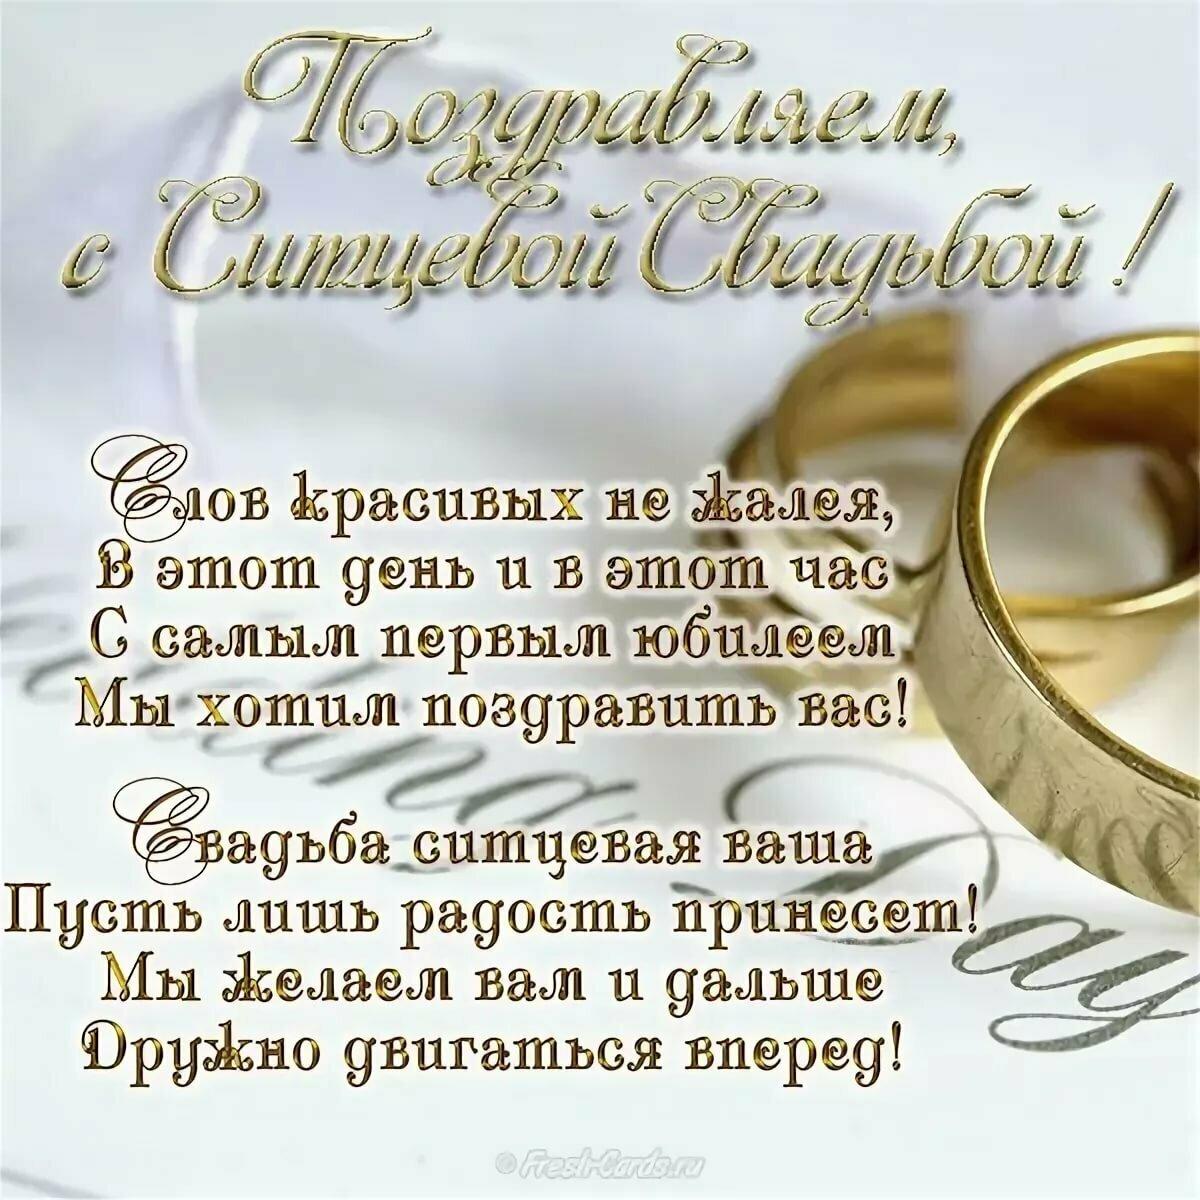 Поздравление со свадьбой 1 год совместной жизни прикольные веселые подробности можете